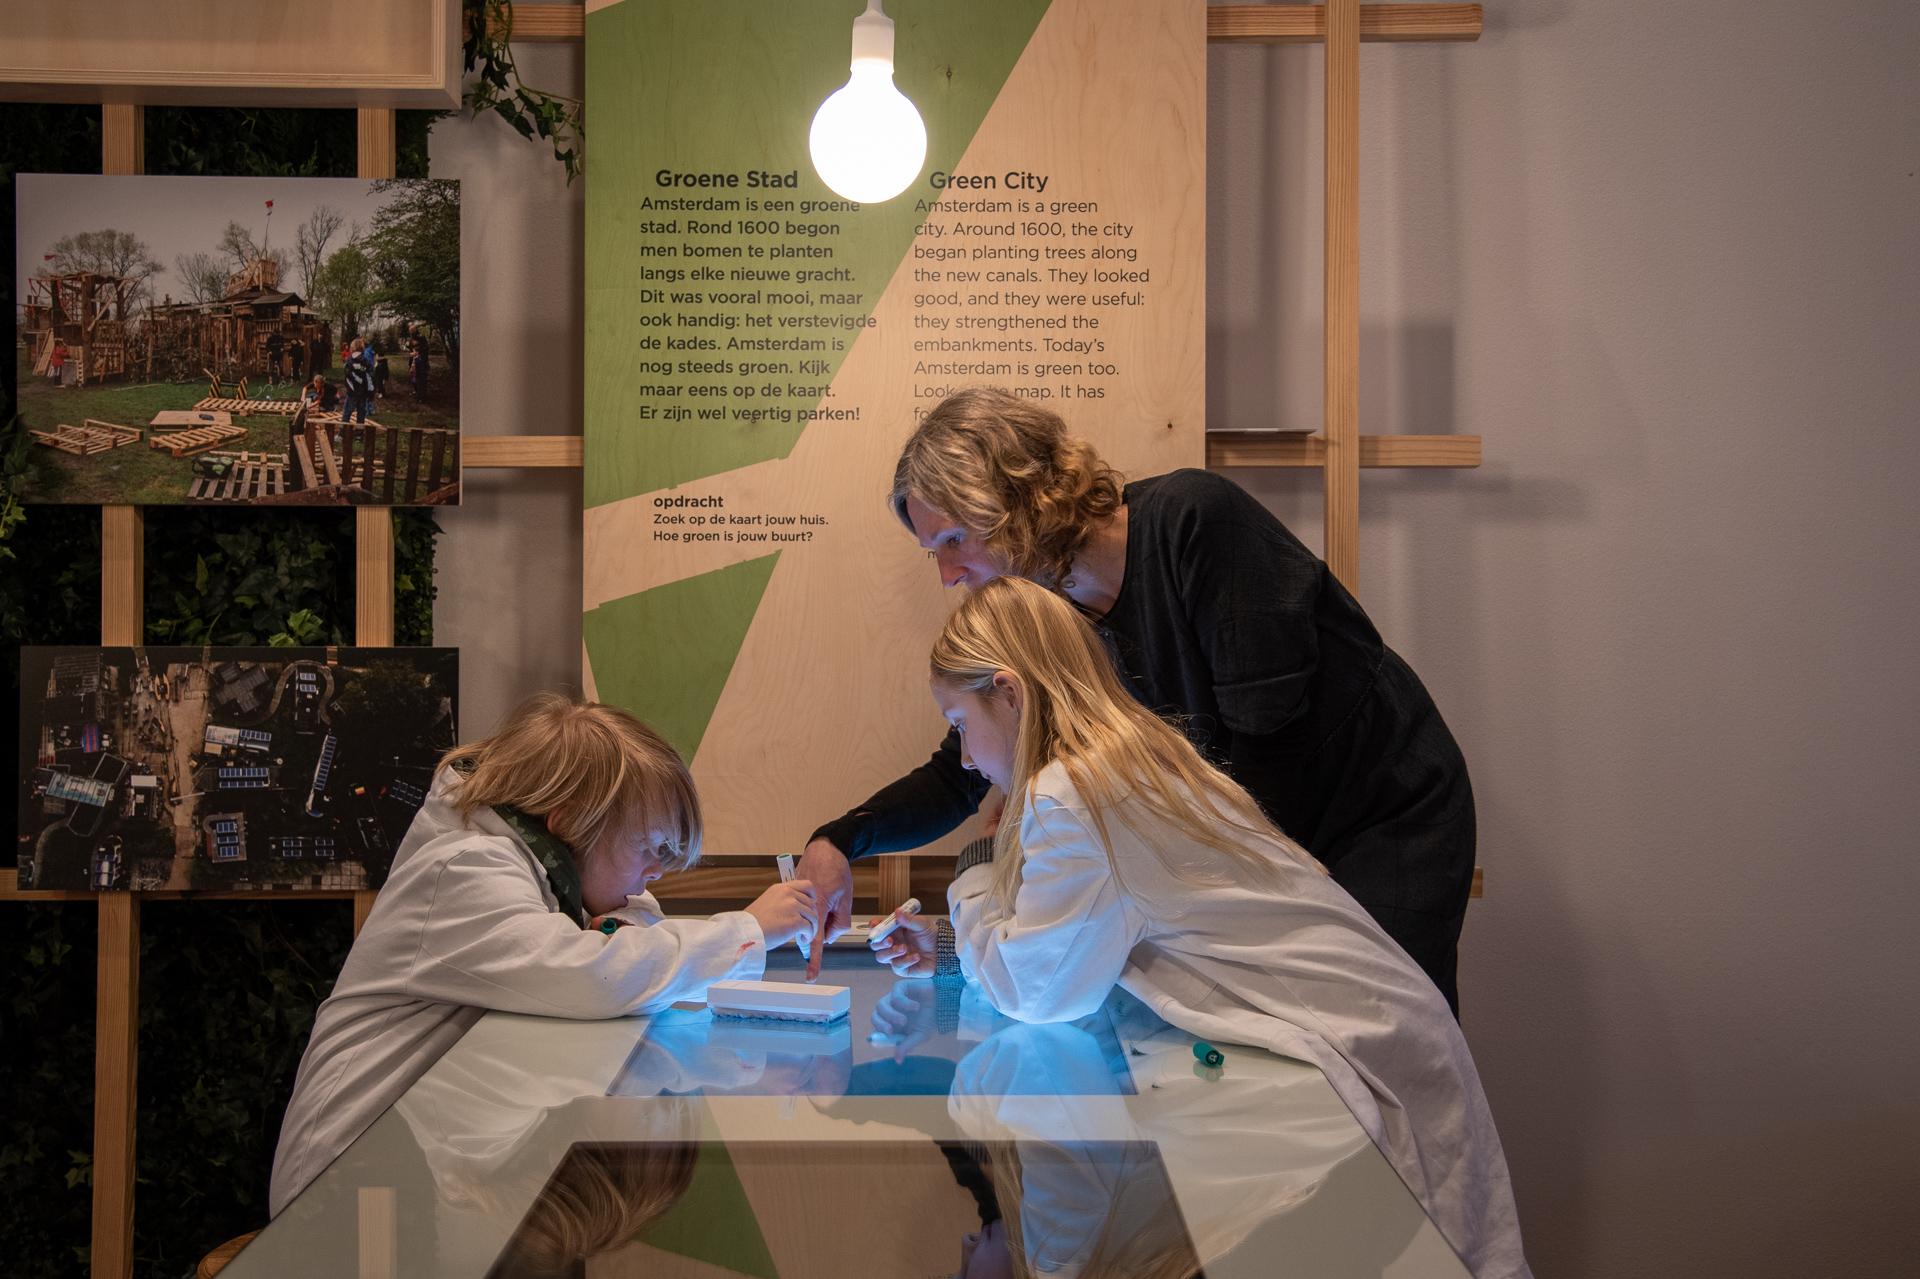 tentoonstellingsontwerp stadslab2 amsterdam museum 13 jpg